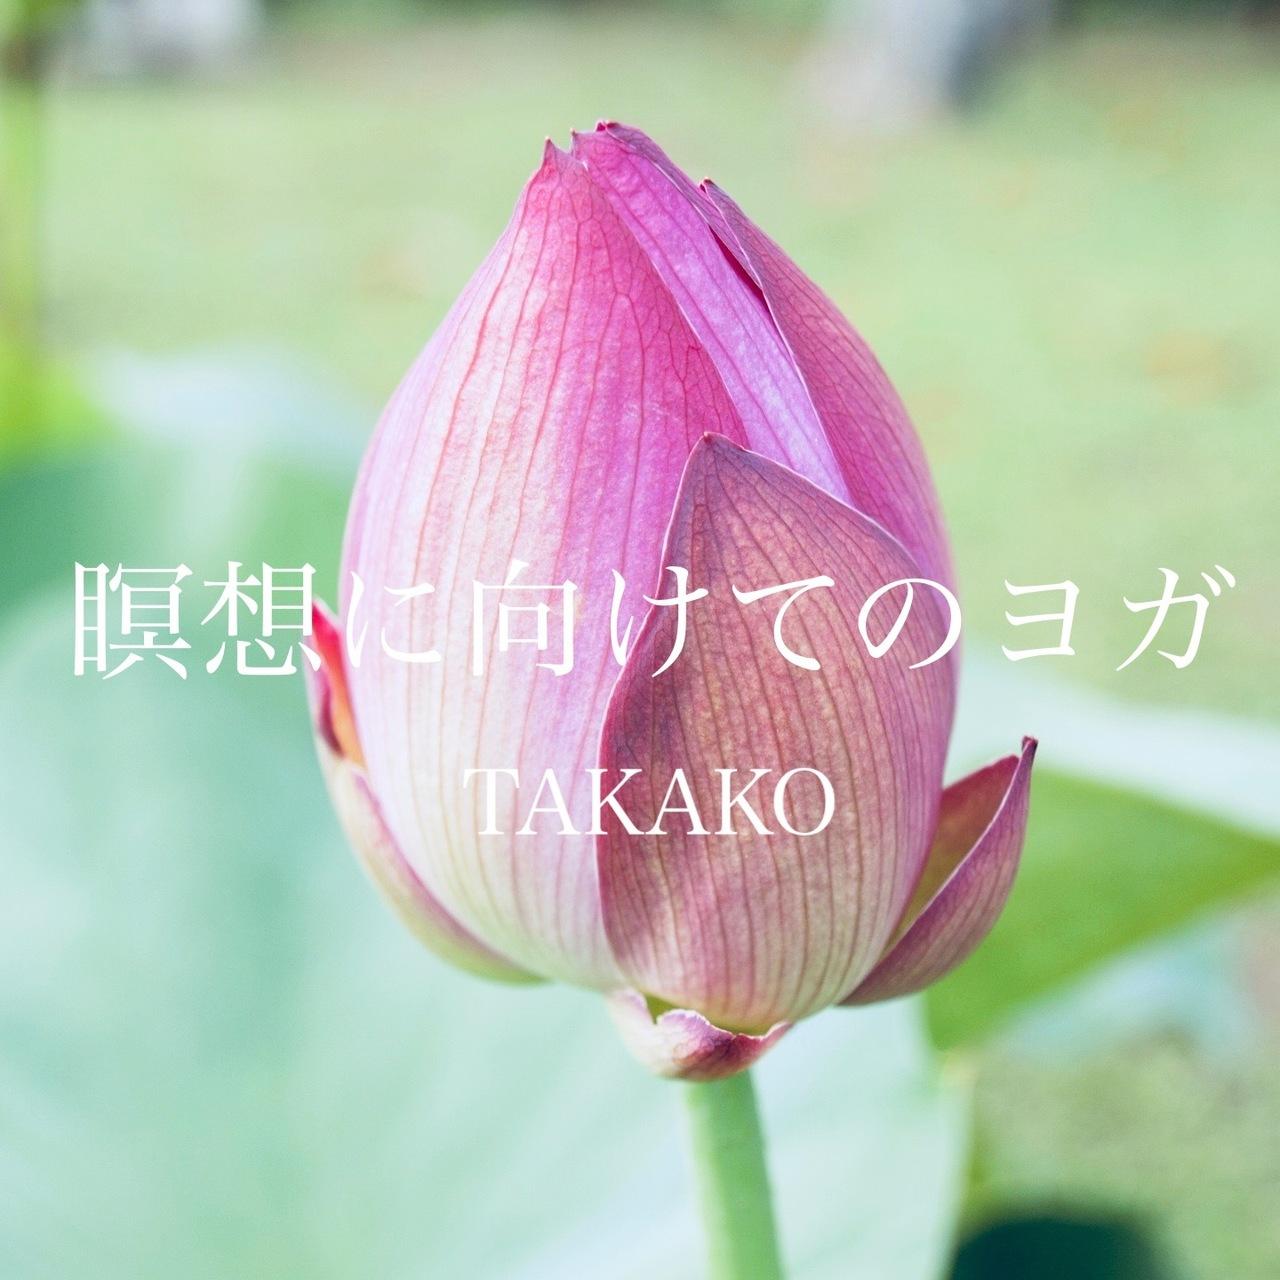 瞑想に向けてのヨガ/講師:takako【運動量★☆☆☆☆】🔰初心者の方おすすめ